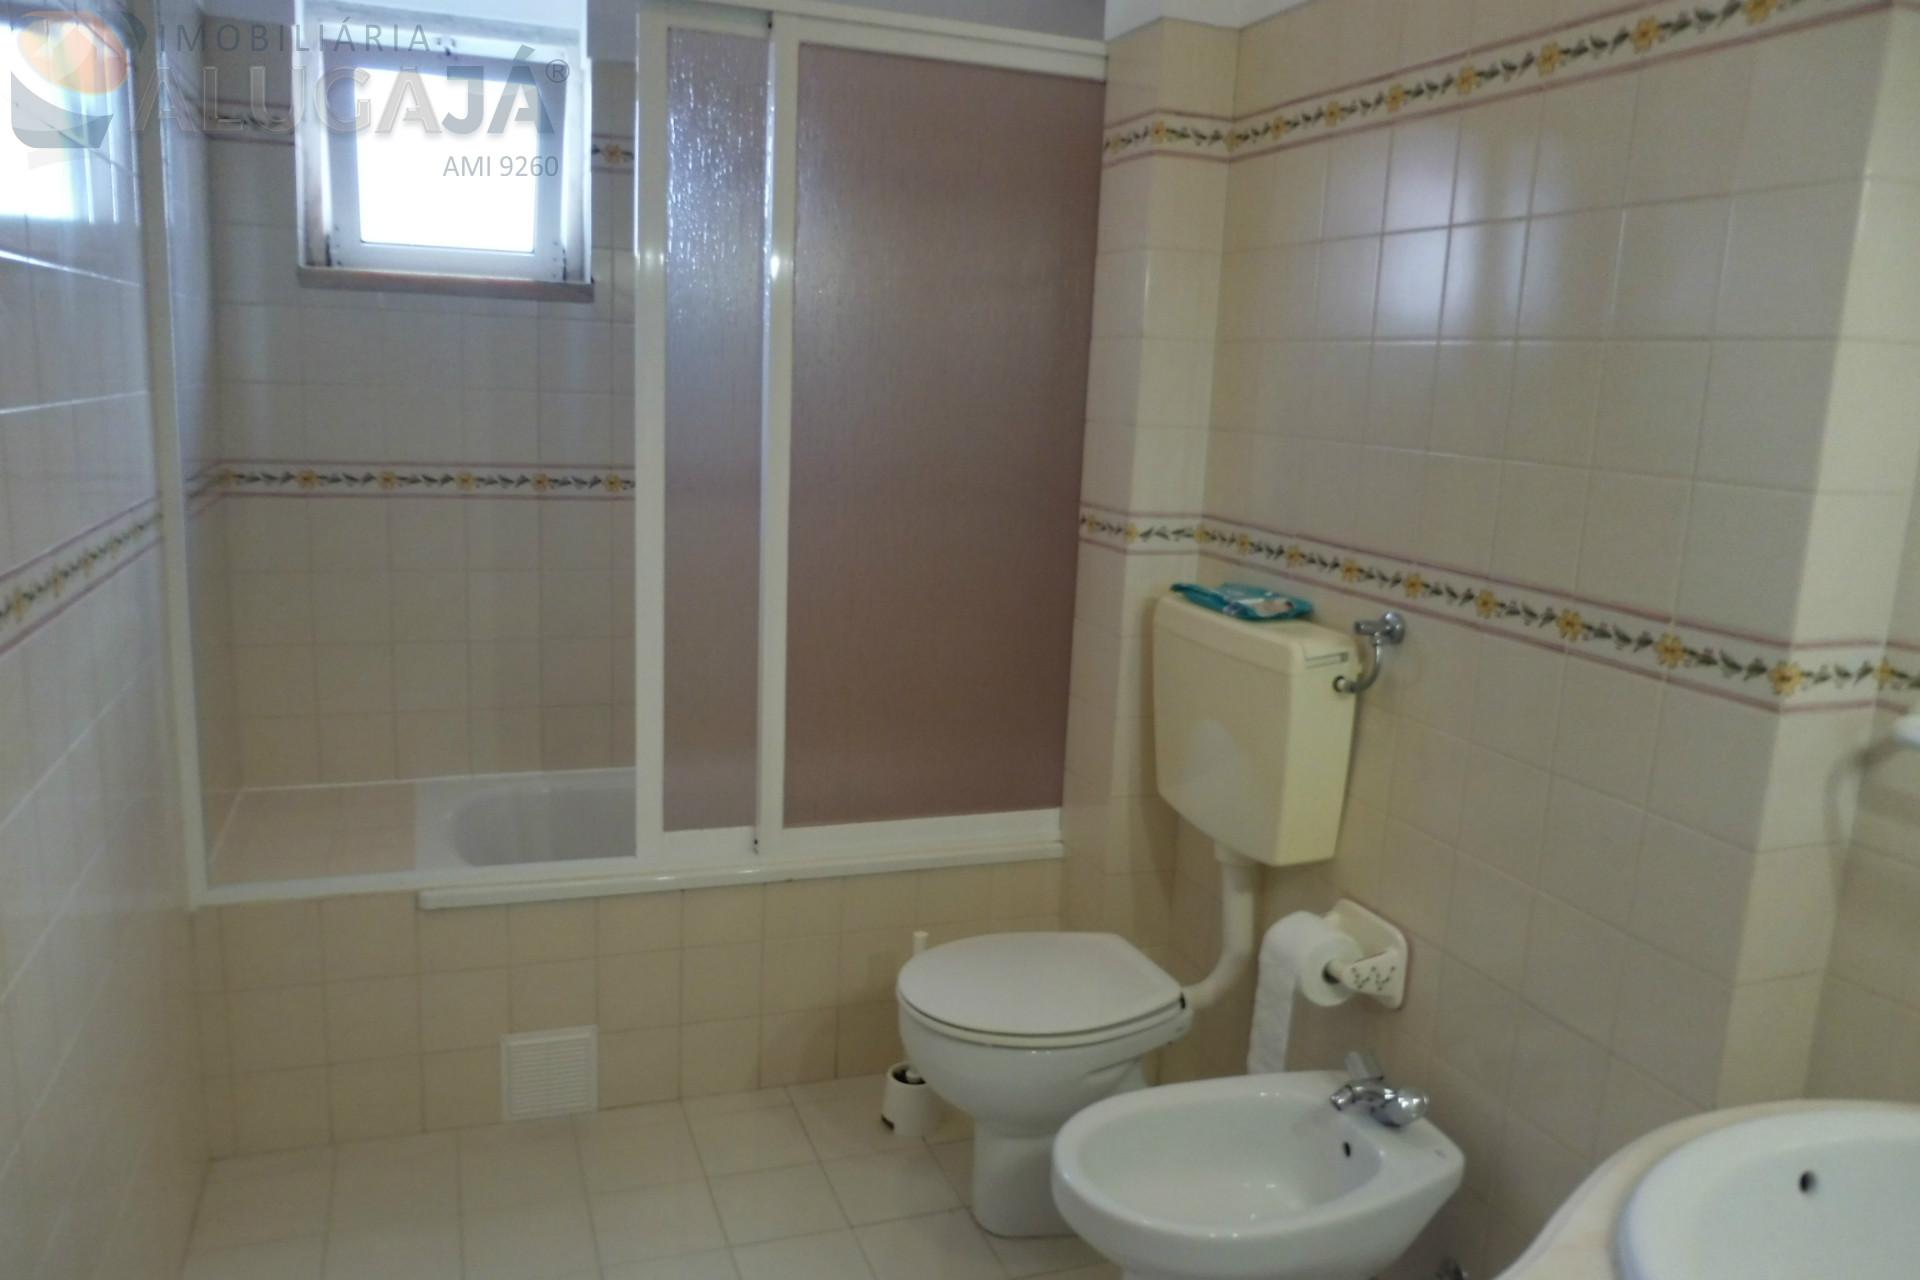 Apartamento T2 amplo e com localização privilegiada. Próximo do Continente, comércio local